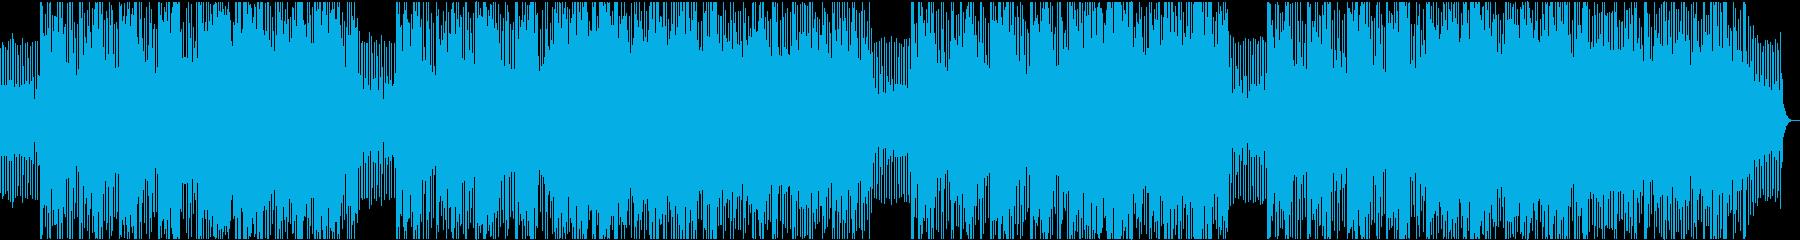 企業VP24 16bit44kHzVerの再生済みの波形